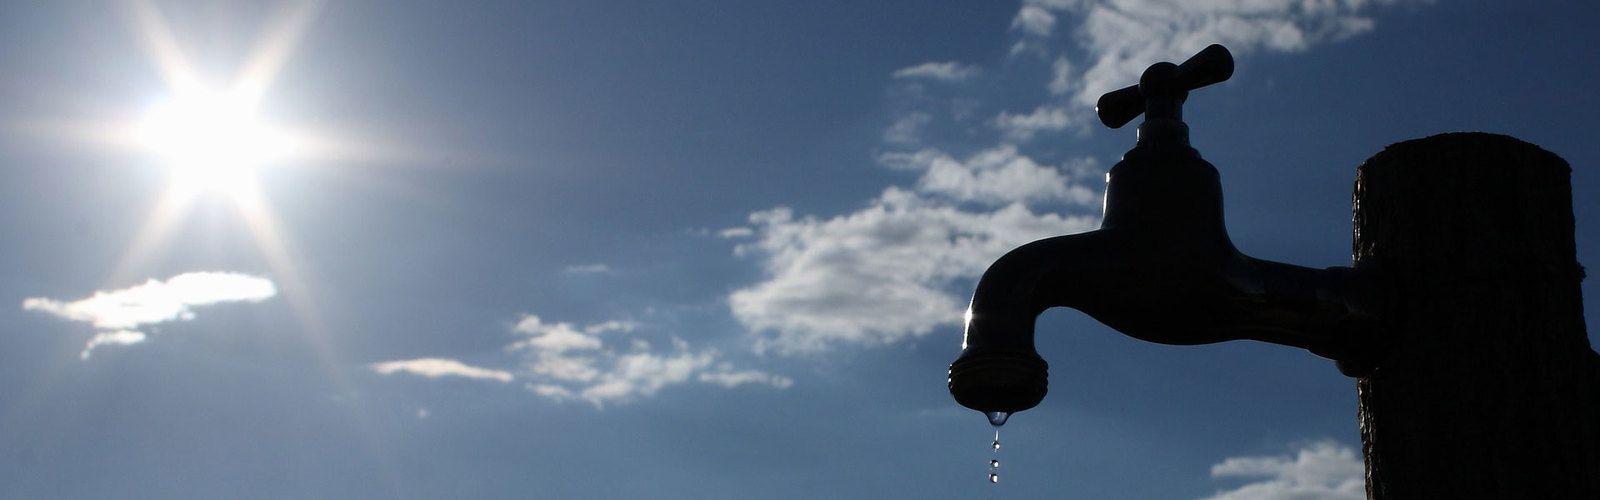 Situation eau - 12 août au soir